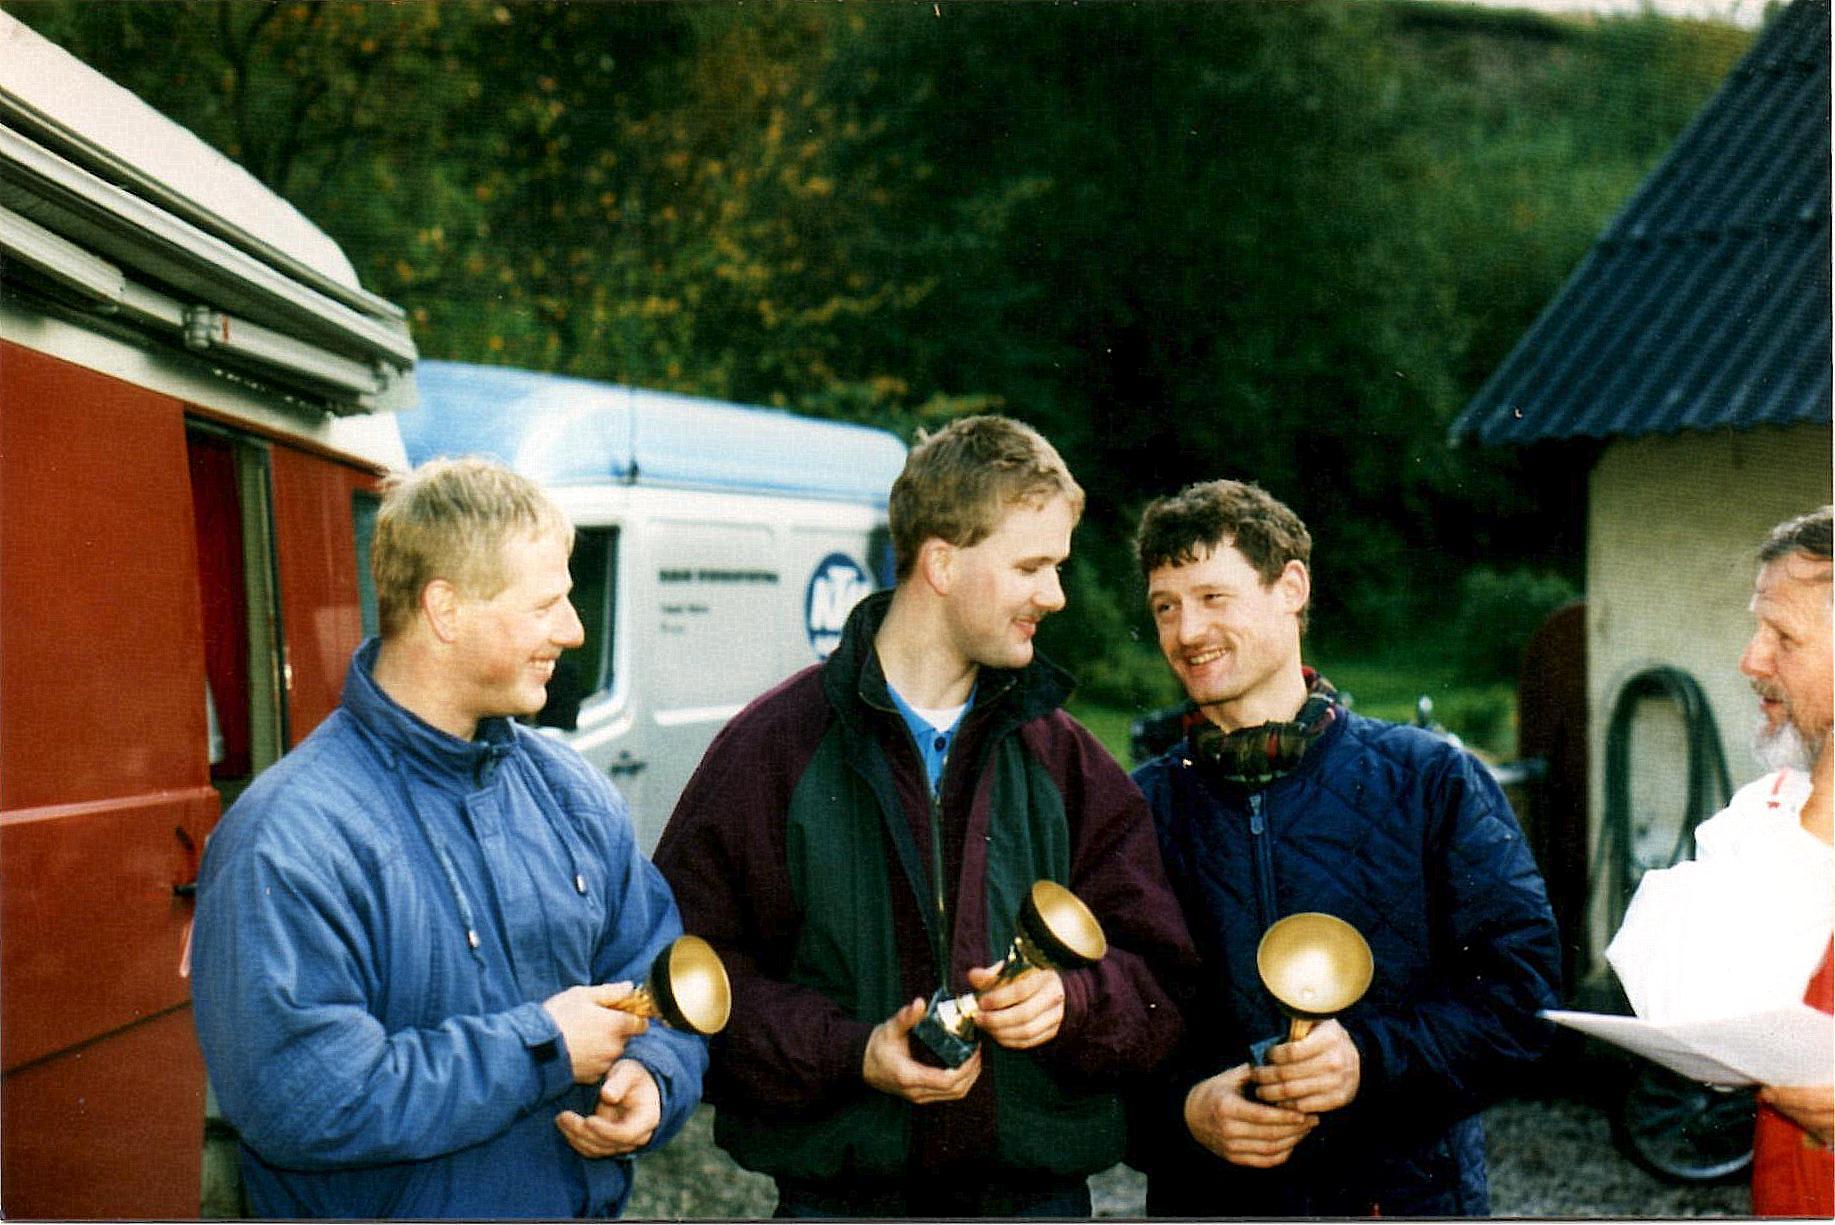 AMK trial Sabro 10-10-93.  De tre første i klubmesterskabet 1993. Nr. 1 Kim Kjær th. Nr. 2 Sune Utoft midt. Nr. 3 Karsten Laustsen tv. Niels Laustsen helt th.